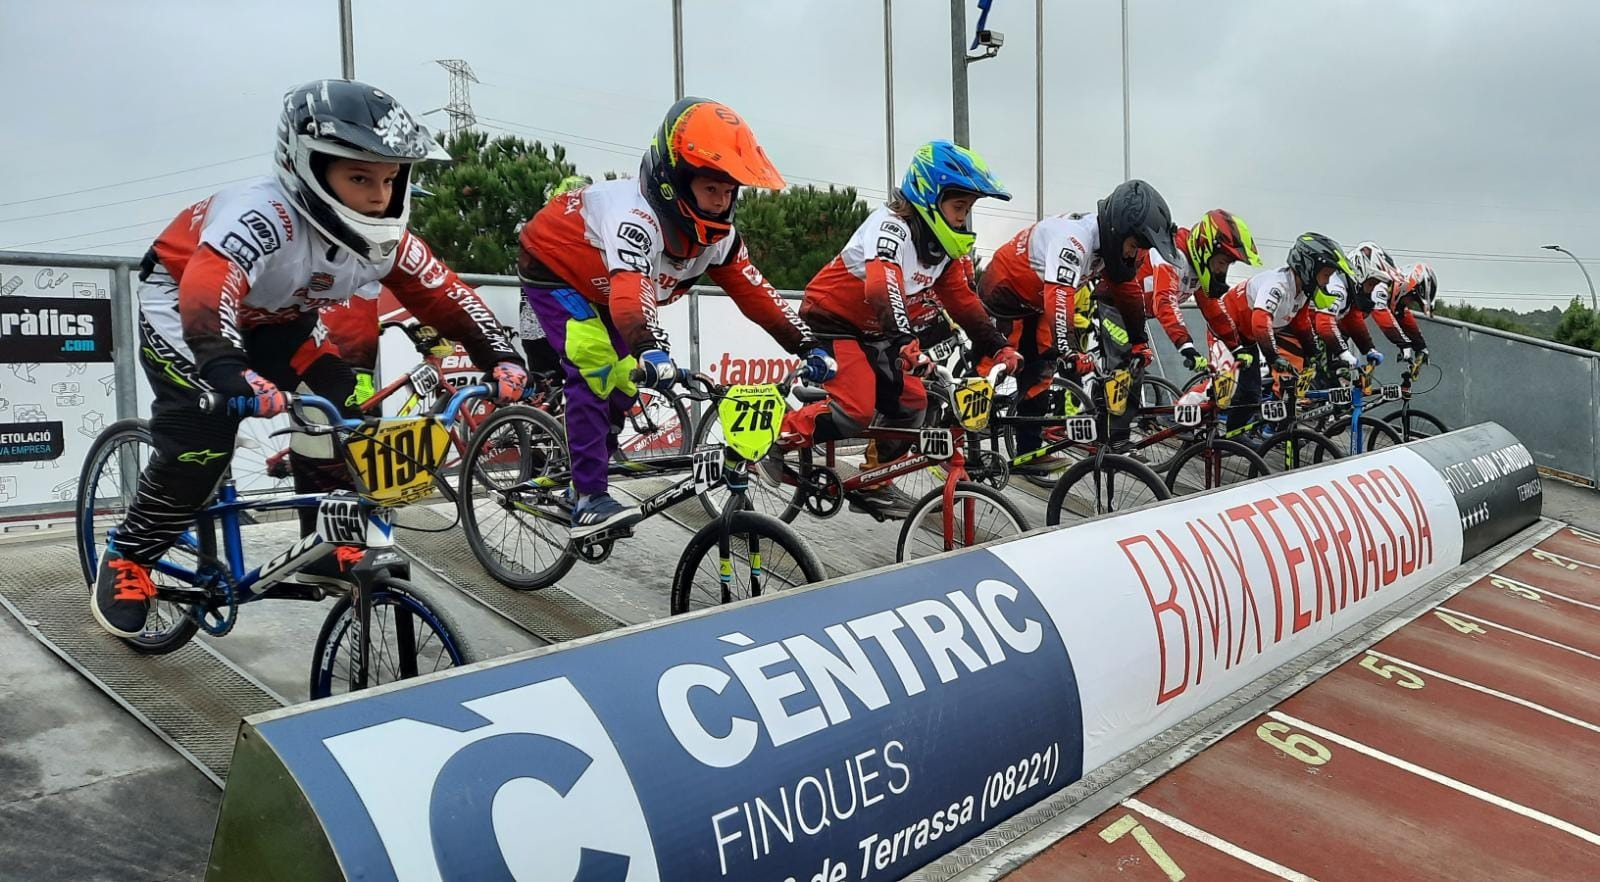 Copa d'Espanya BMX Race a les instal·lacions del BMX Terrassa | BMX Terrassa